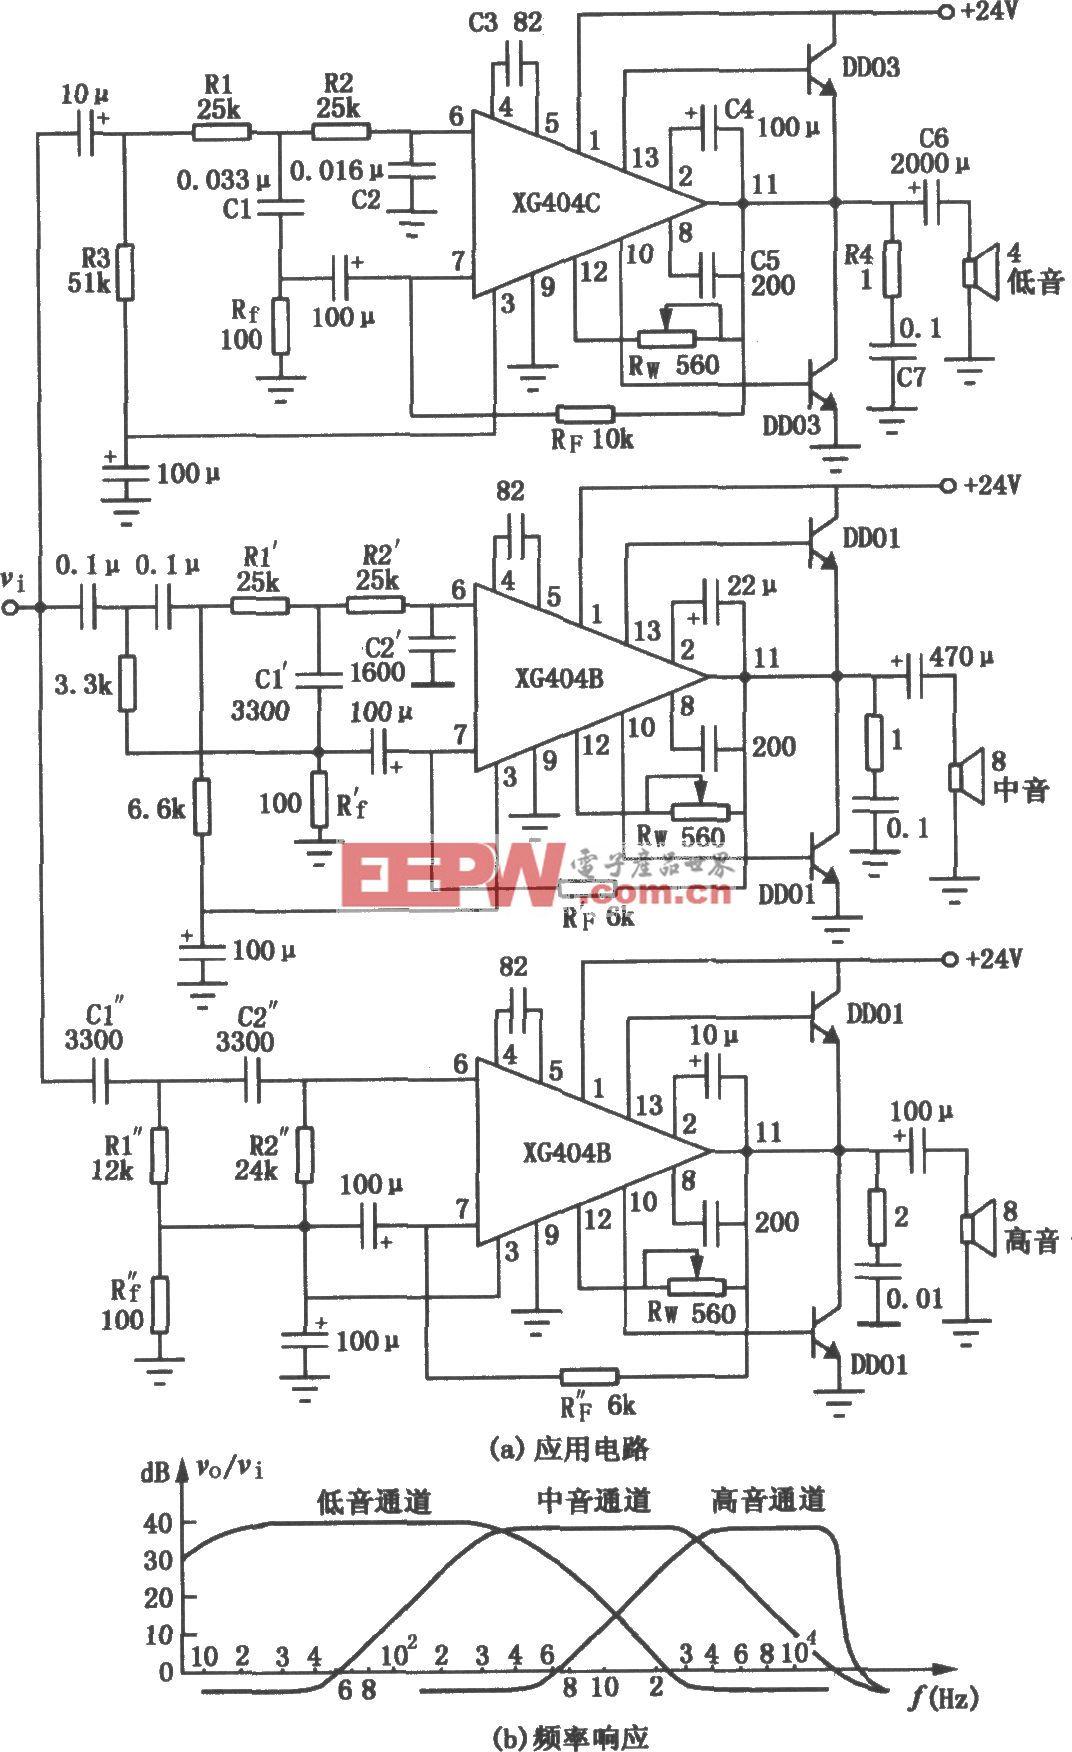 新型电子分频功率放大电路